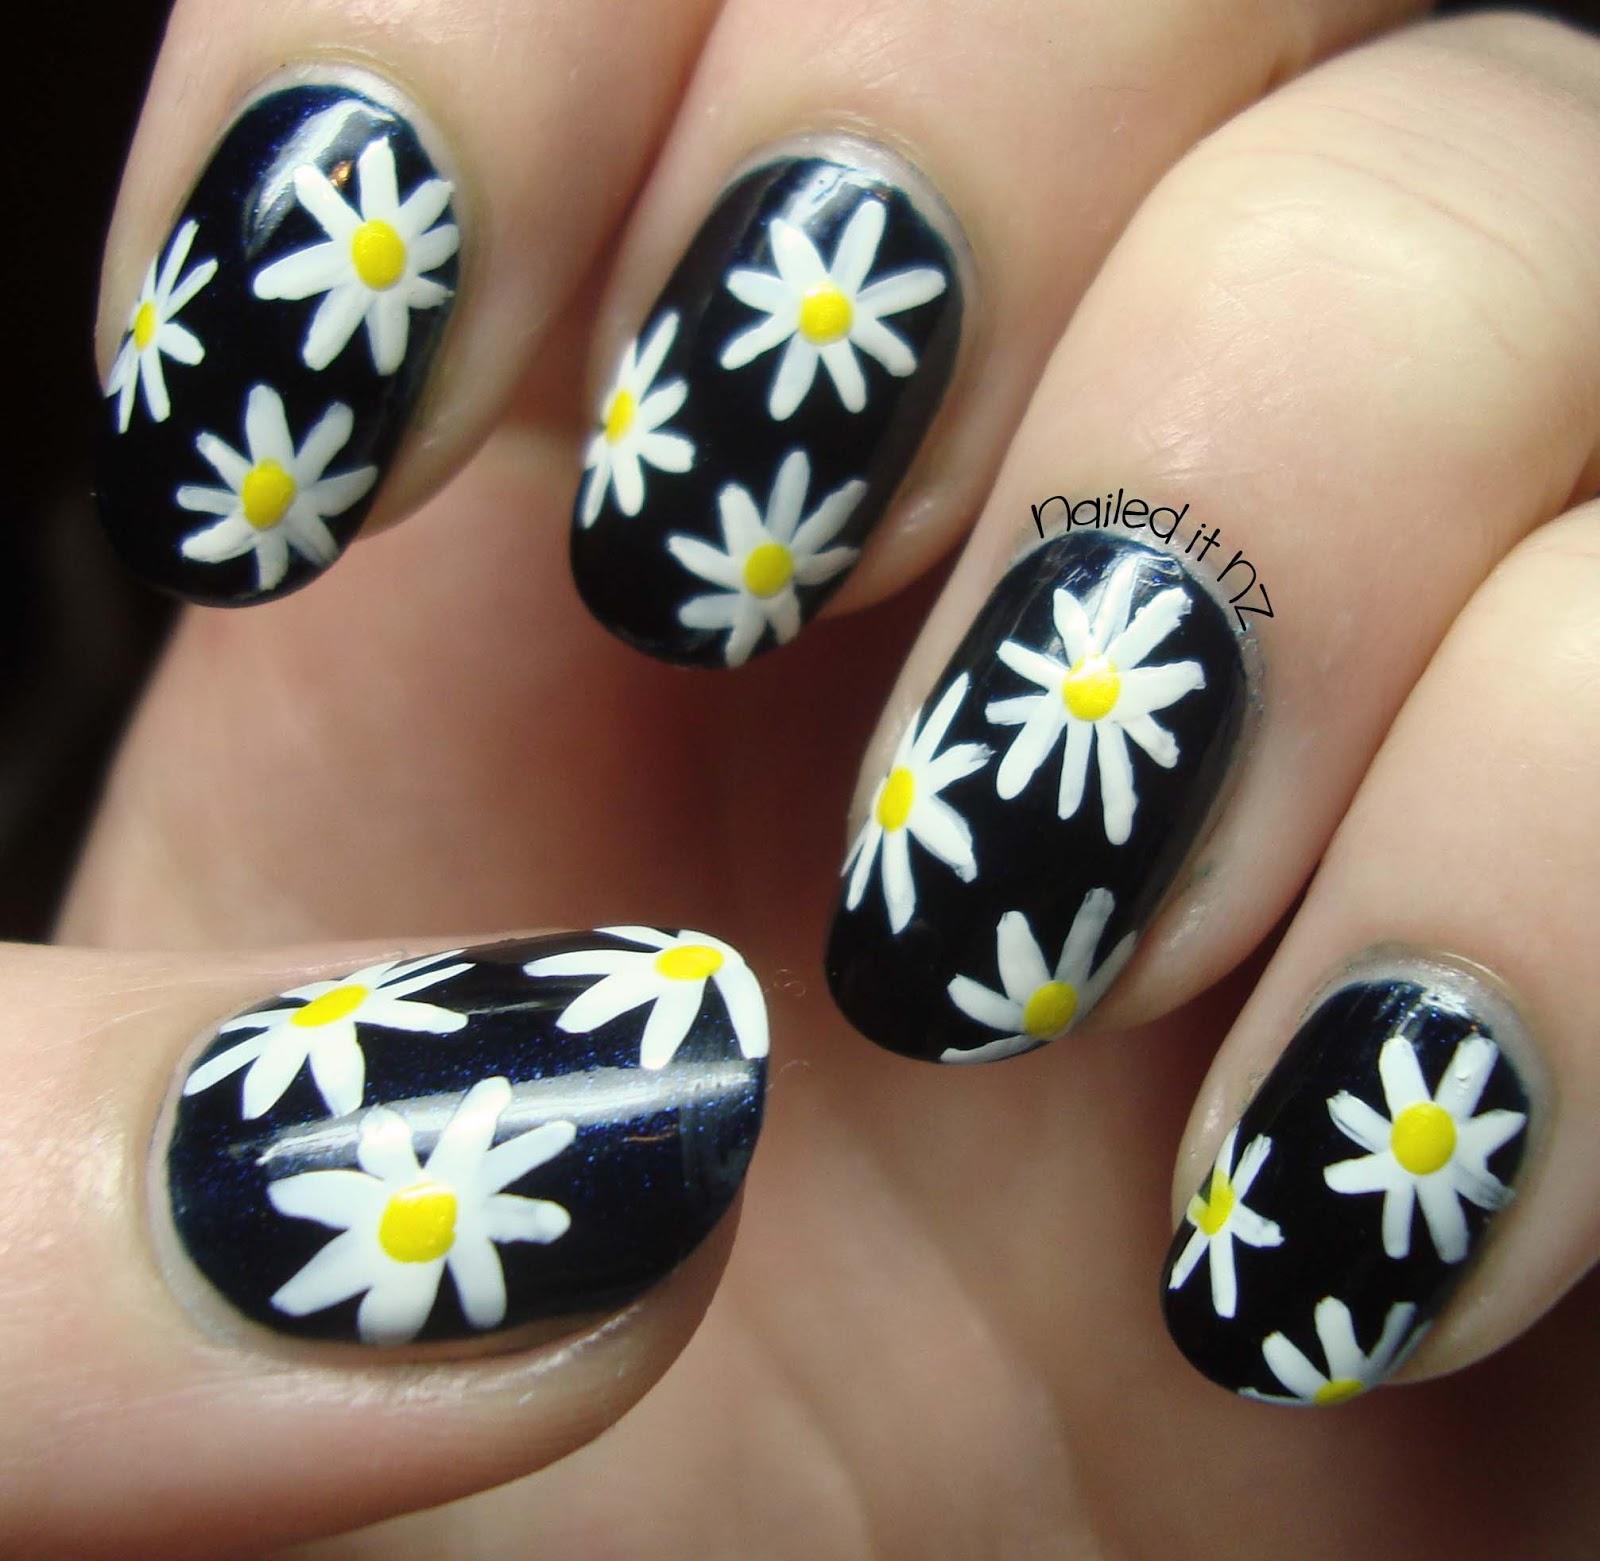 Nailed It NZ: Daisy Nails Tutorial